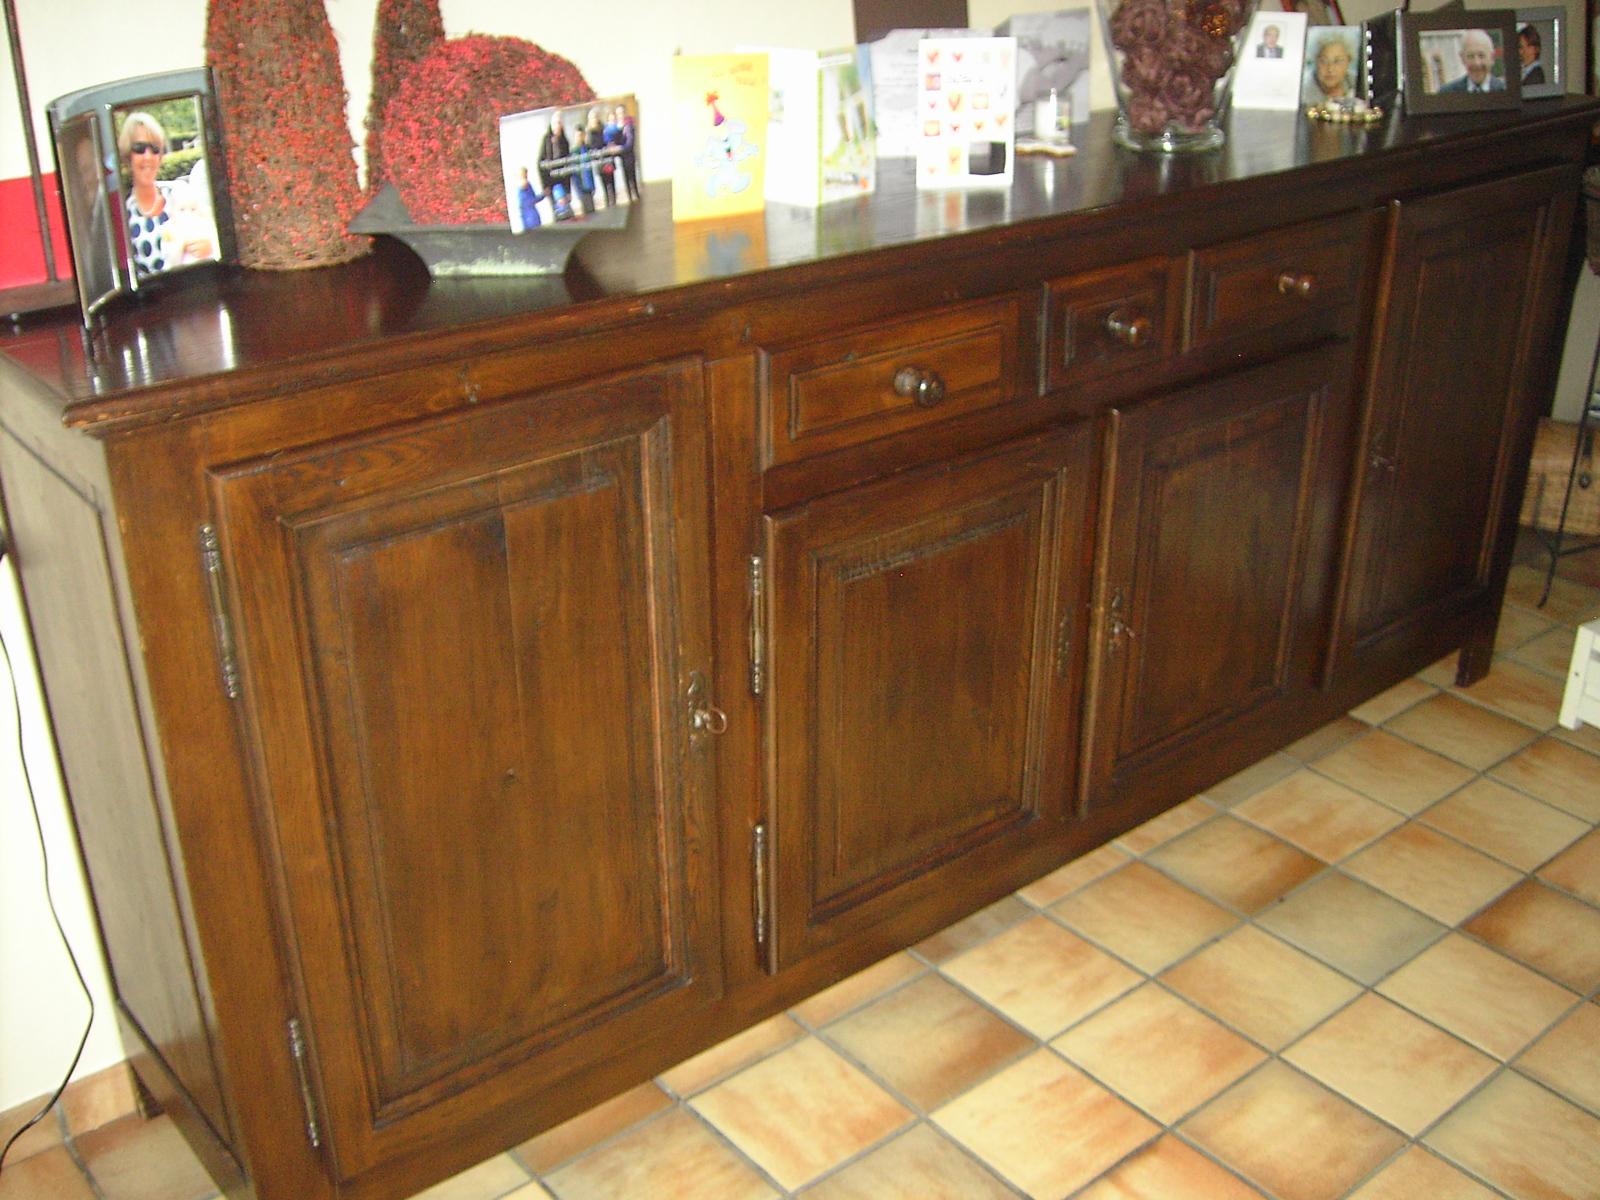 Meubelrenovatie renovatie eiken meubelen dressoir tafel vitrine salontafel waregem - Oude meubilair dressoir ...